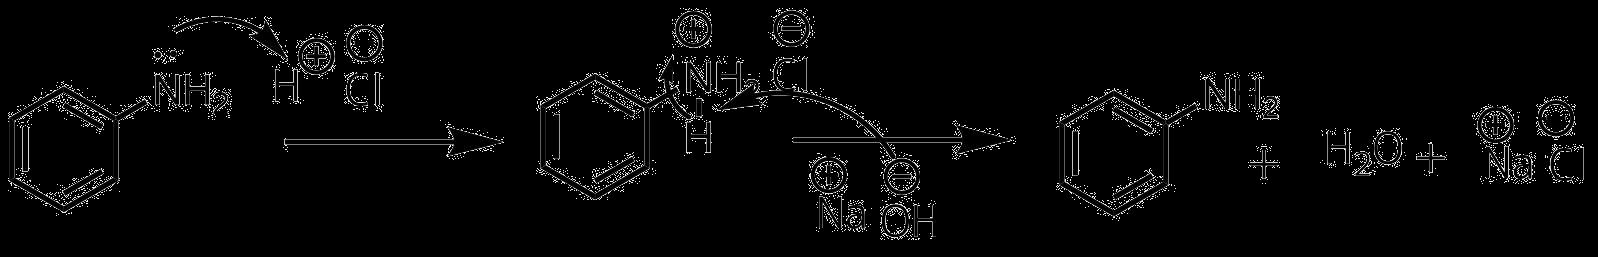 アニリン塩酸塩からアニリンの生成